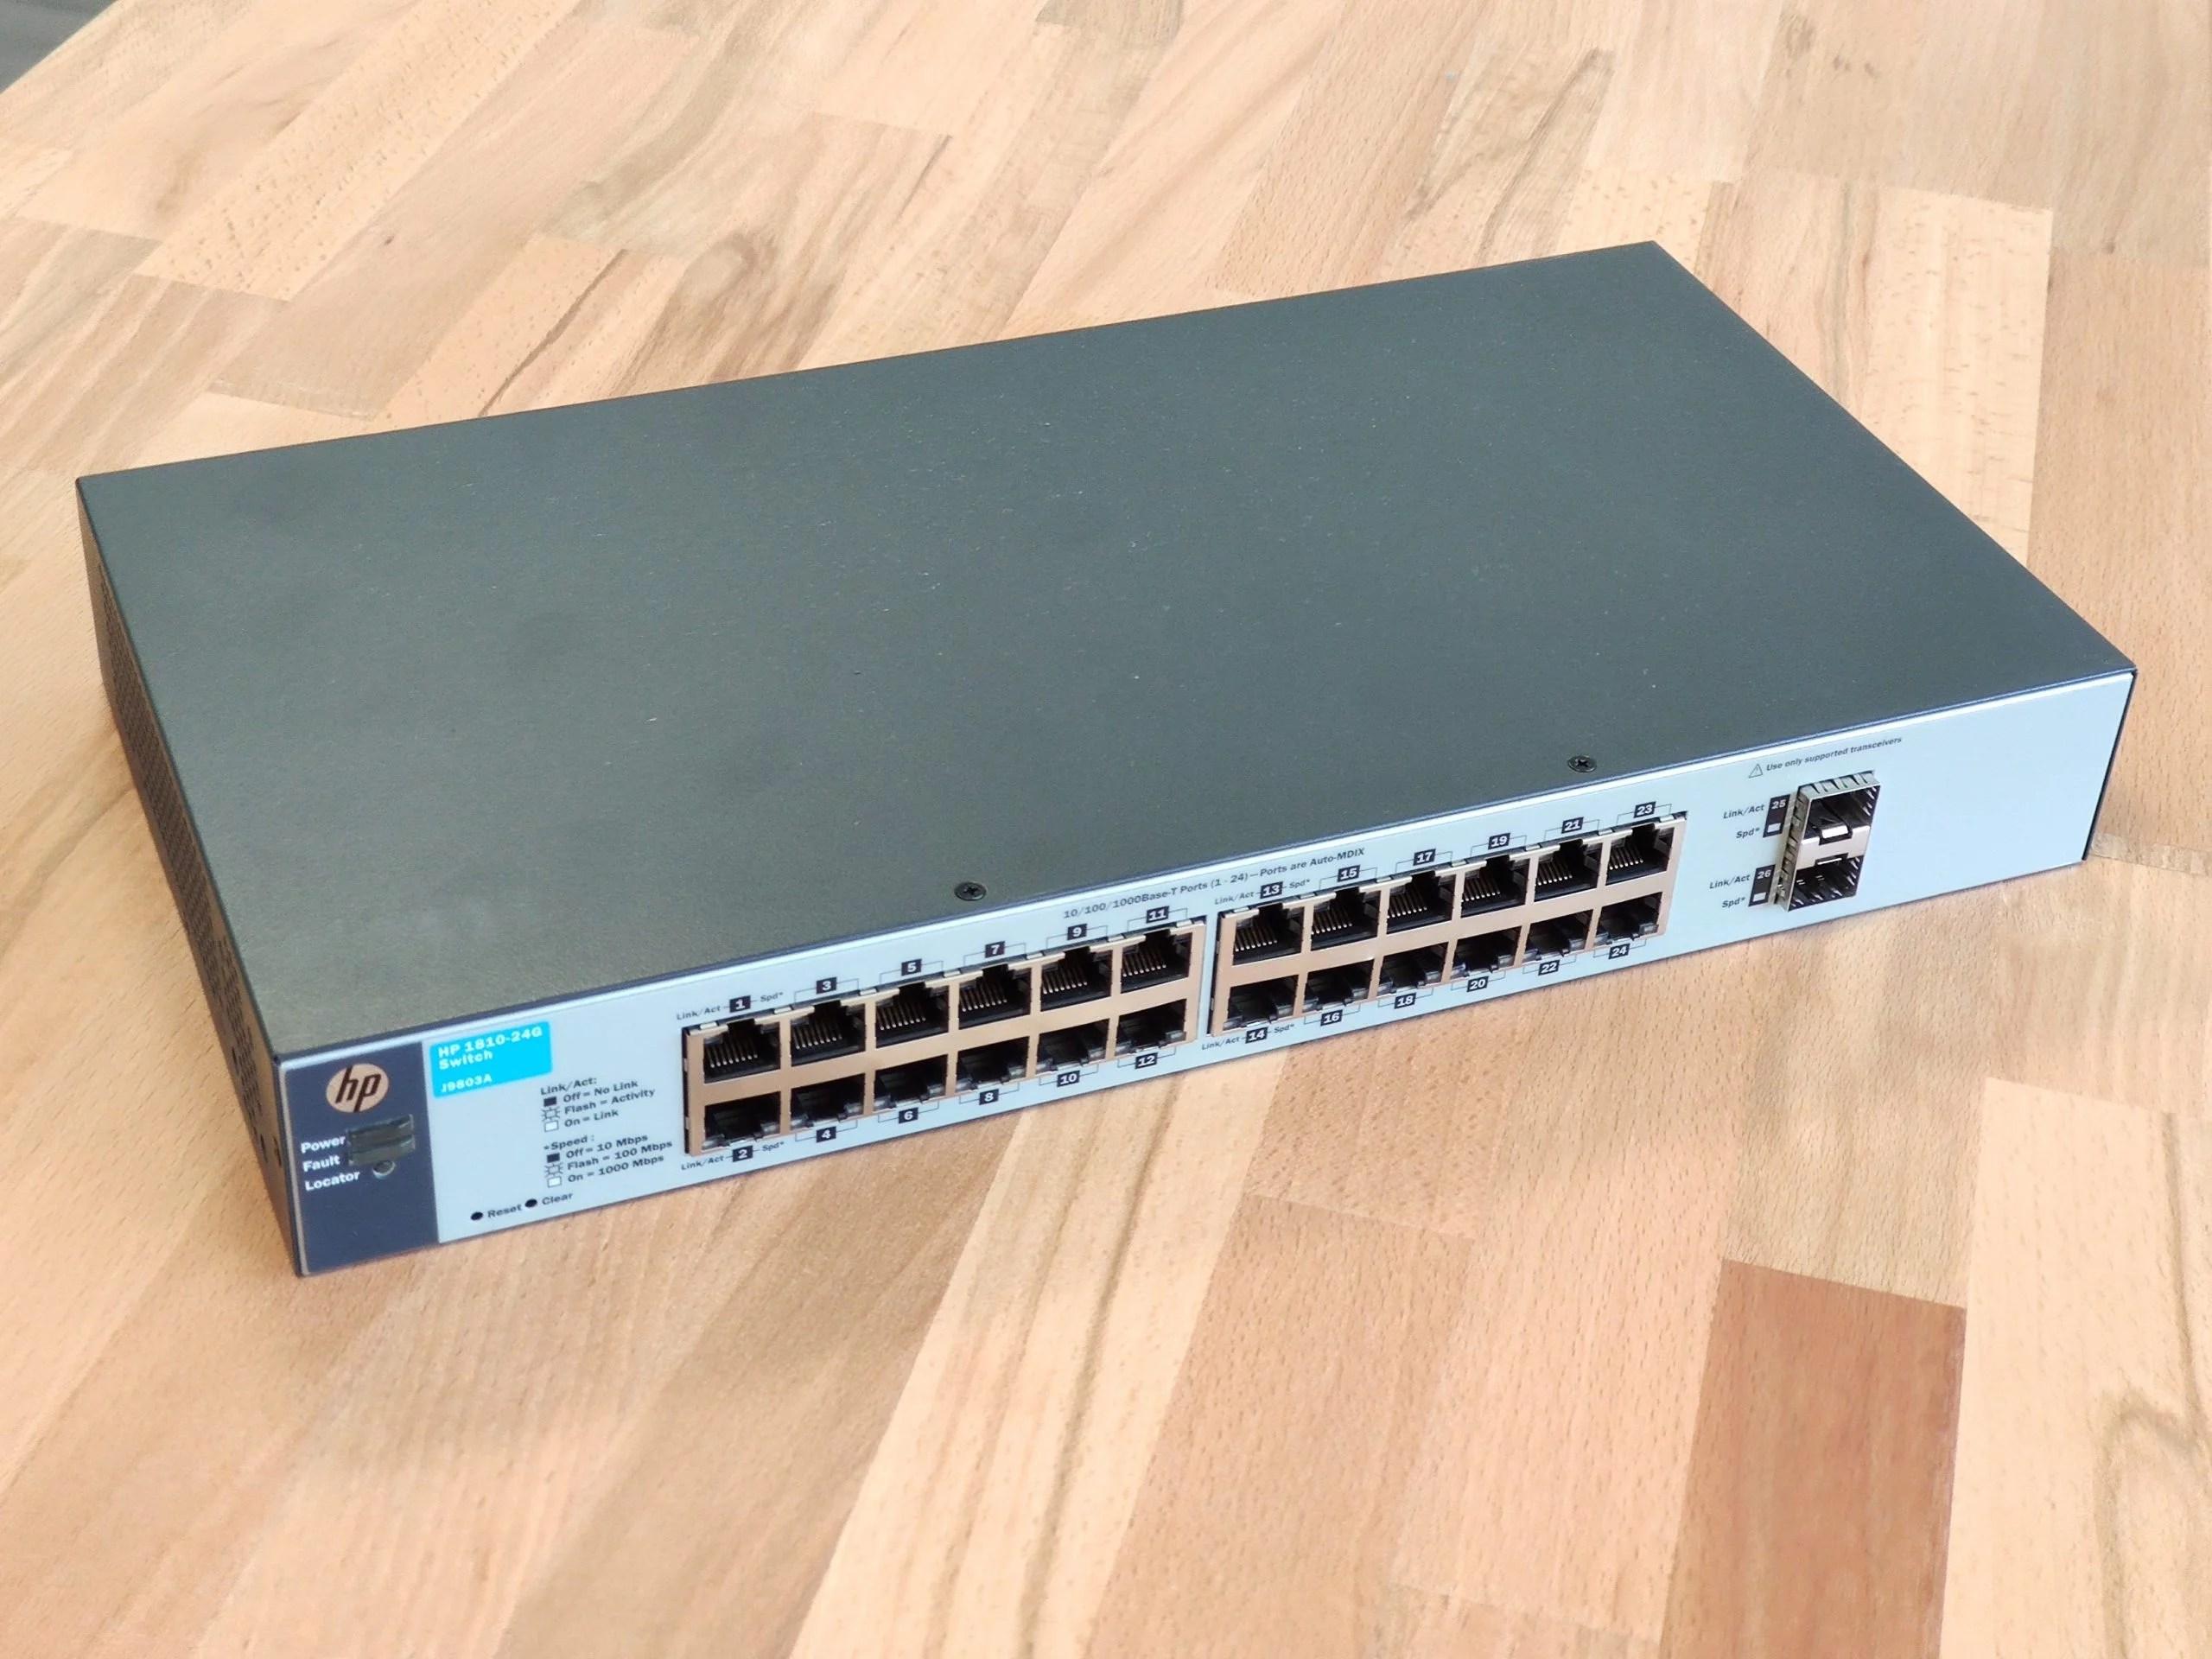 Switch_HP_1810_24G